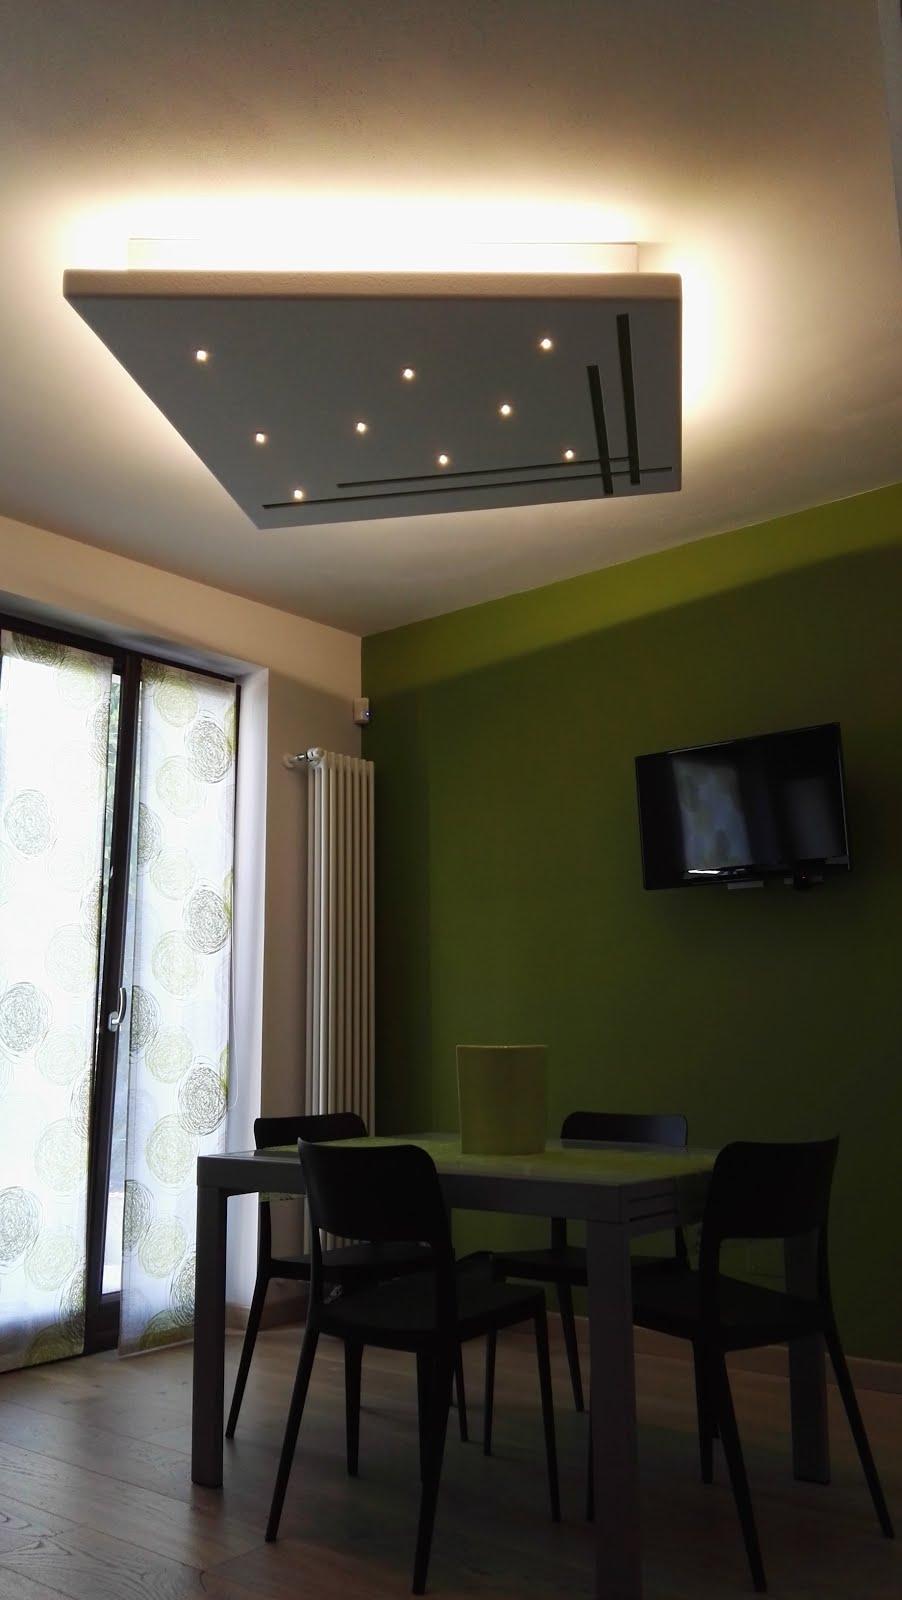 Illuminazione led casa lampadari a led di design forme di luce - Illuminazione casa ...